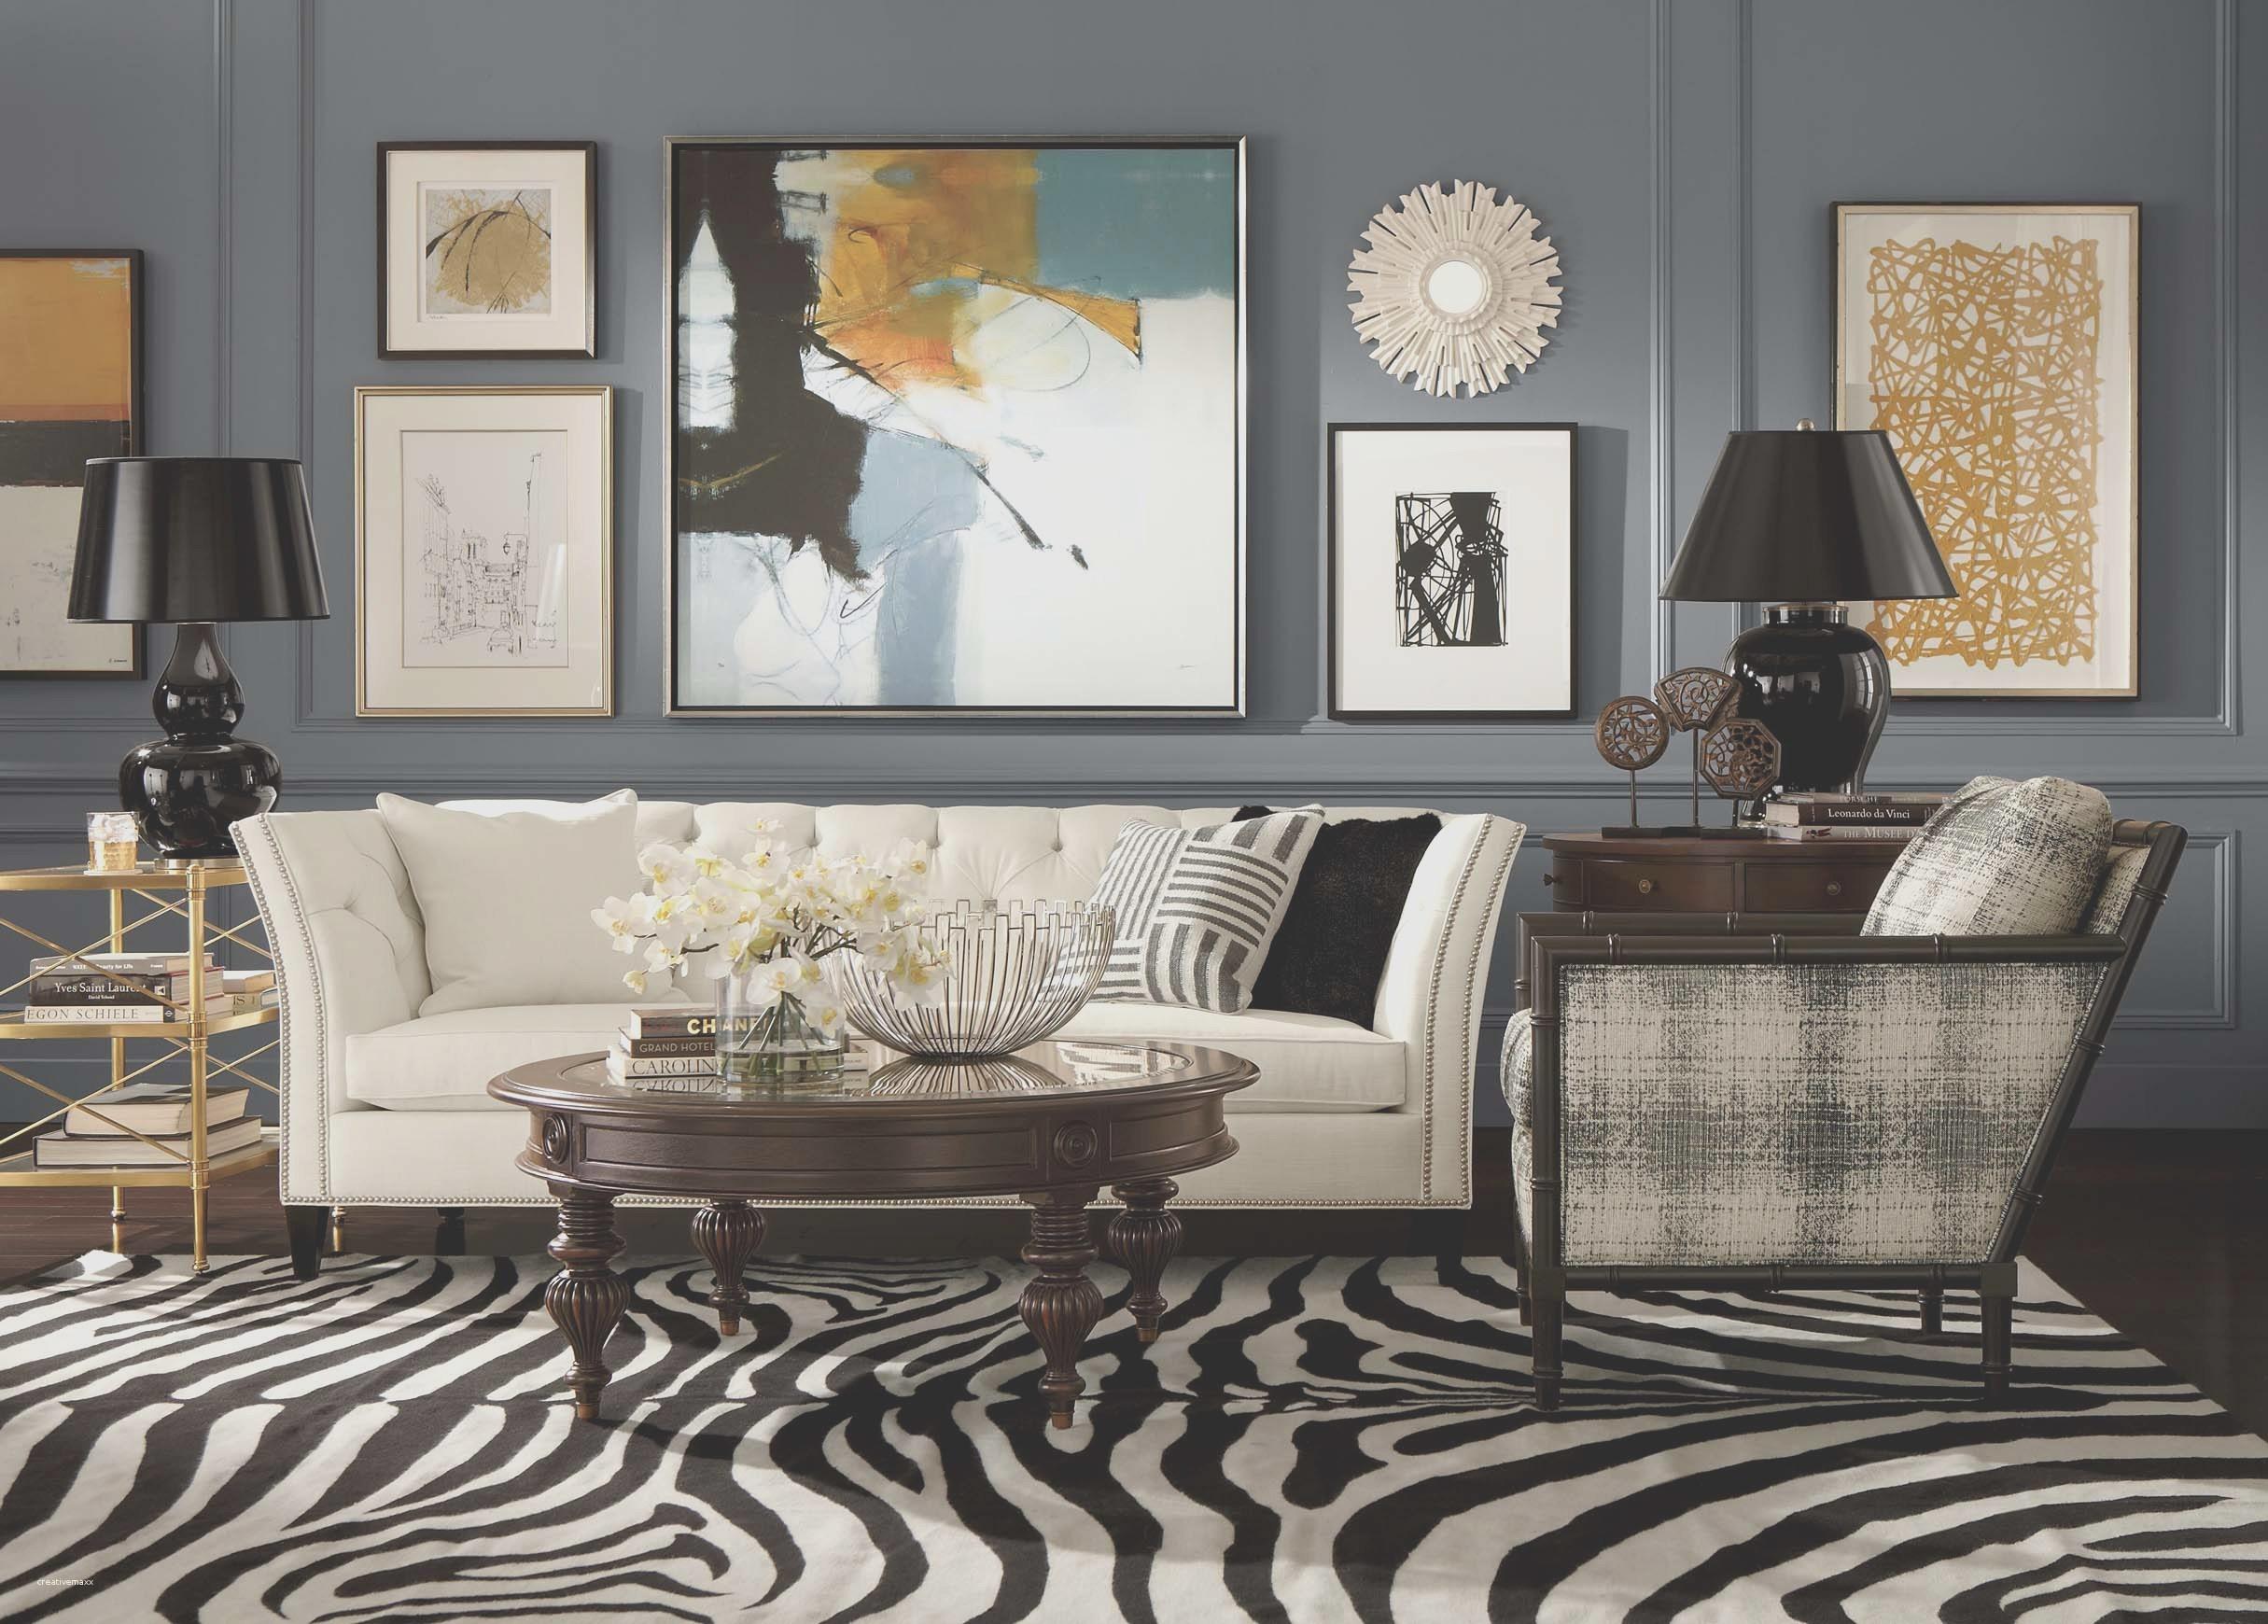 zebra print rug in living room zebra print decor lovely decoration white animal print rug animal fur rugs HKXRBET